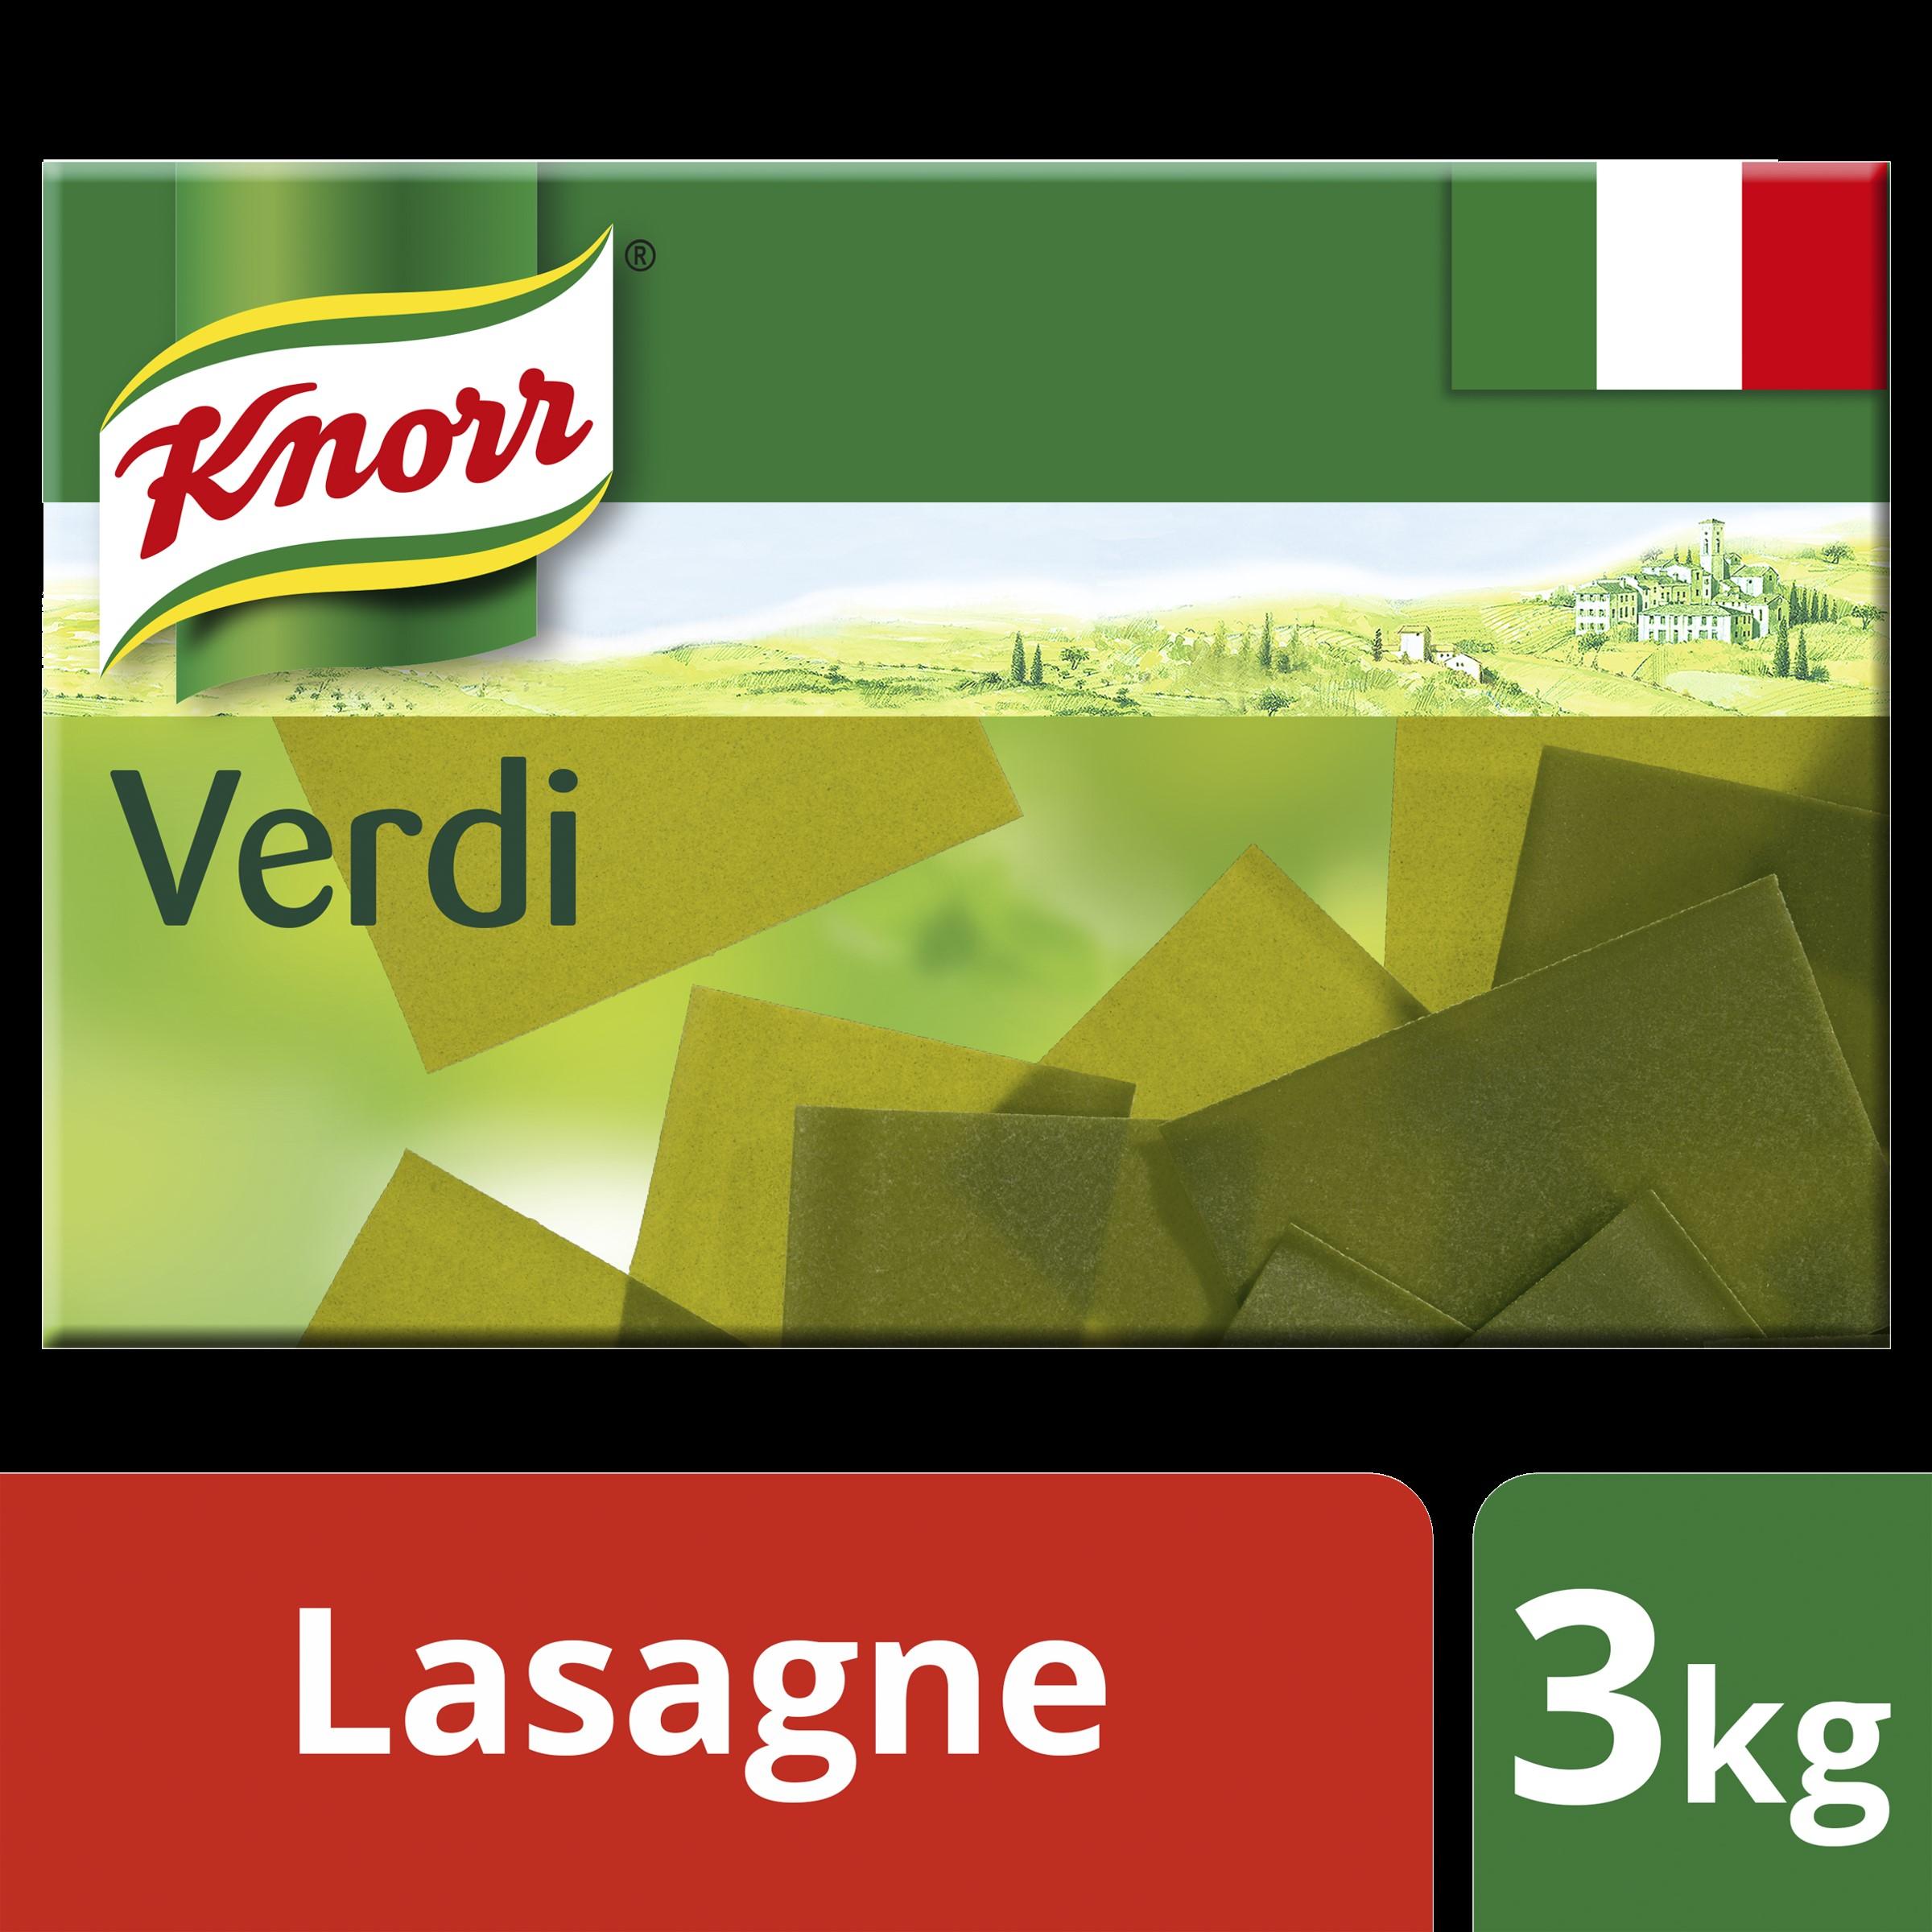 Knorr Lasagne Verdi 3kg